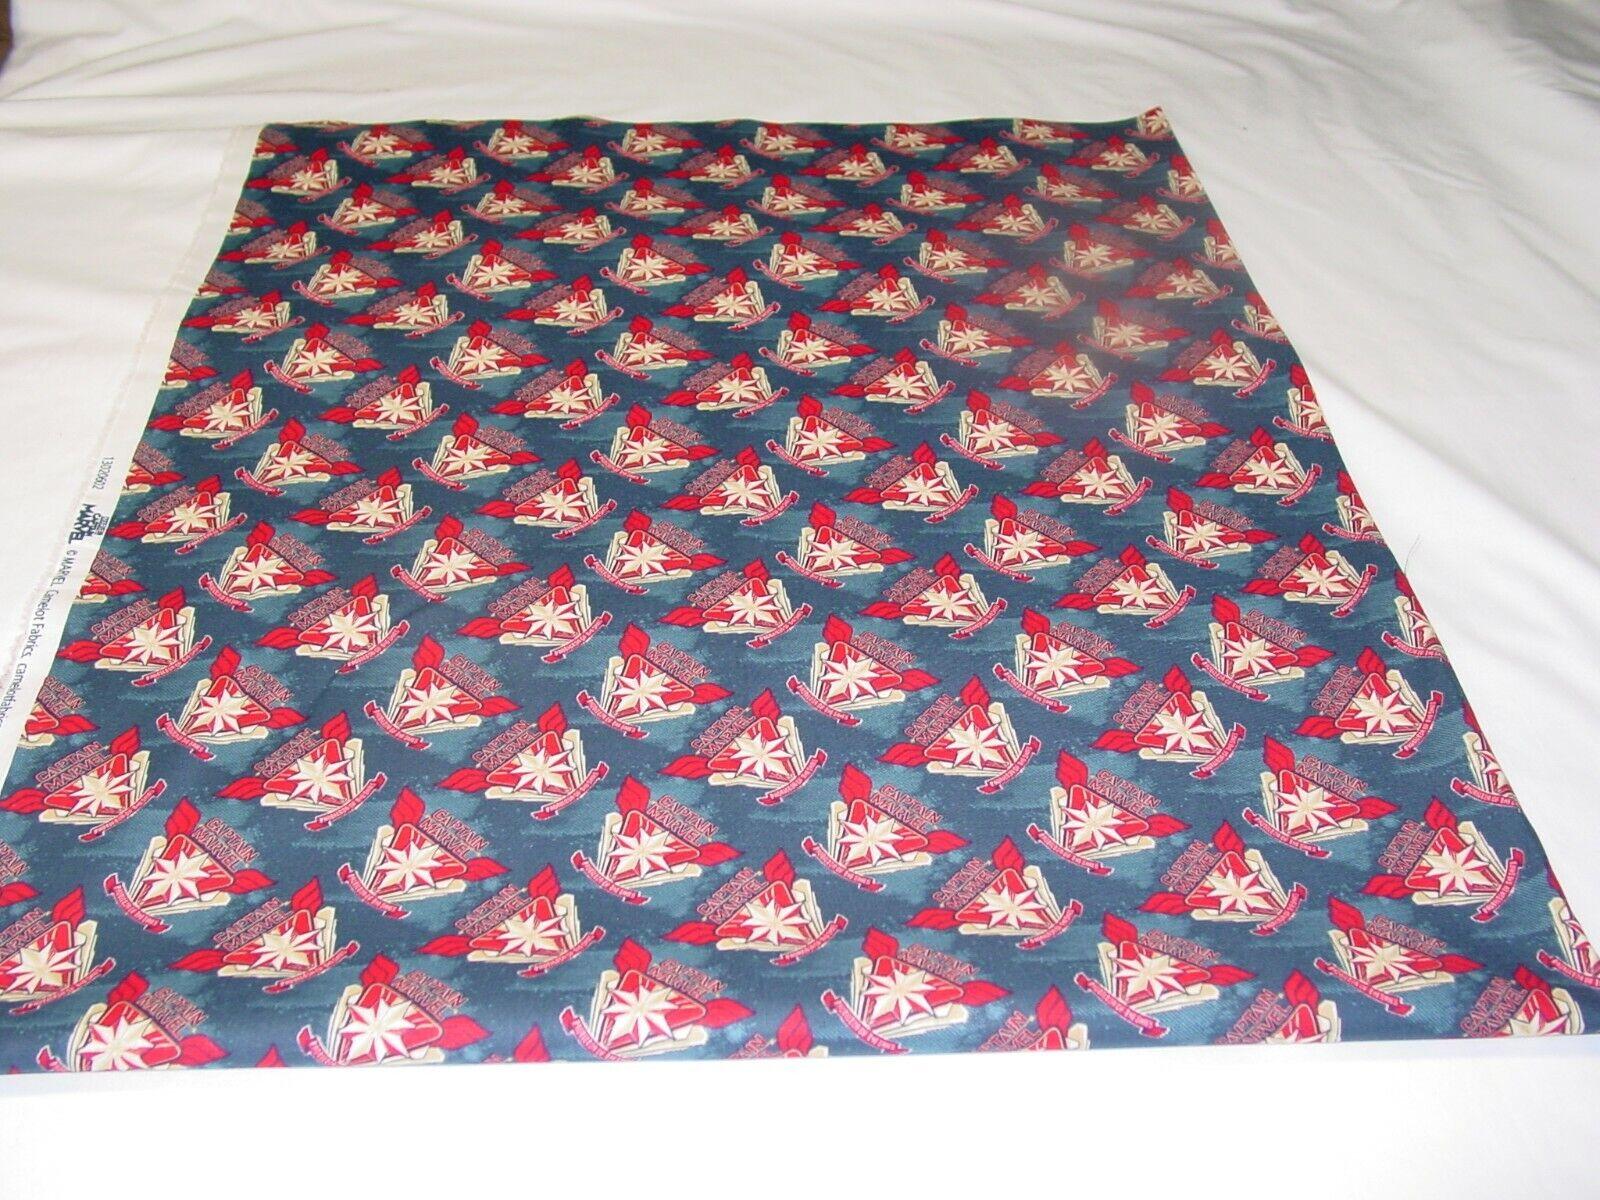 CAPTAIN MARVEL LOGO BLUE 100 COTTON FABRIC REMNANT LENGHT 34 X WIDTH 42  - $10.50